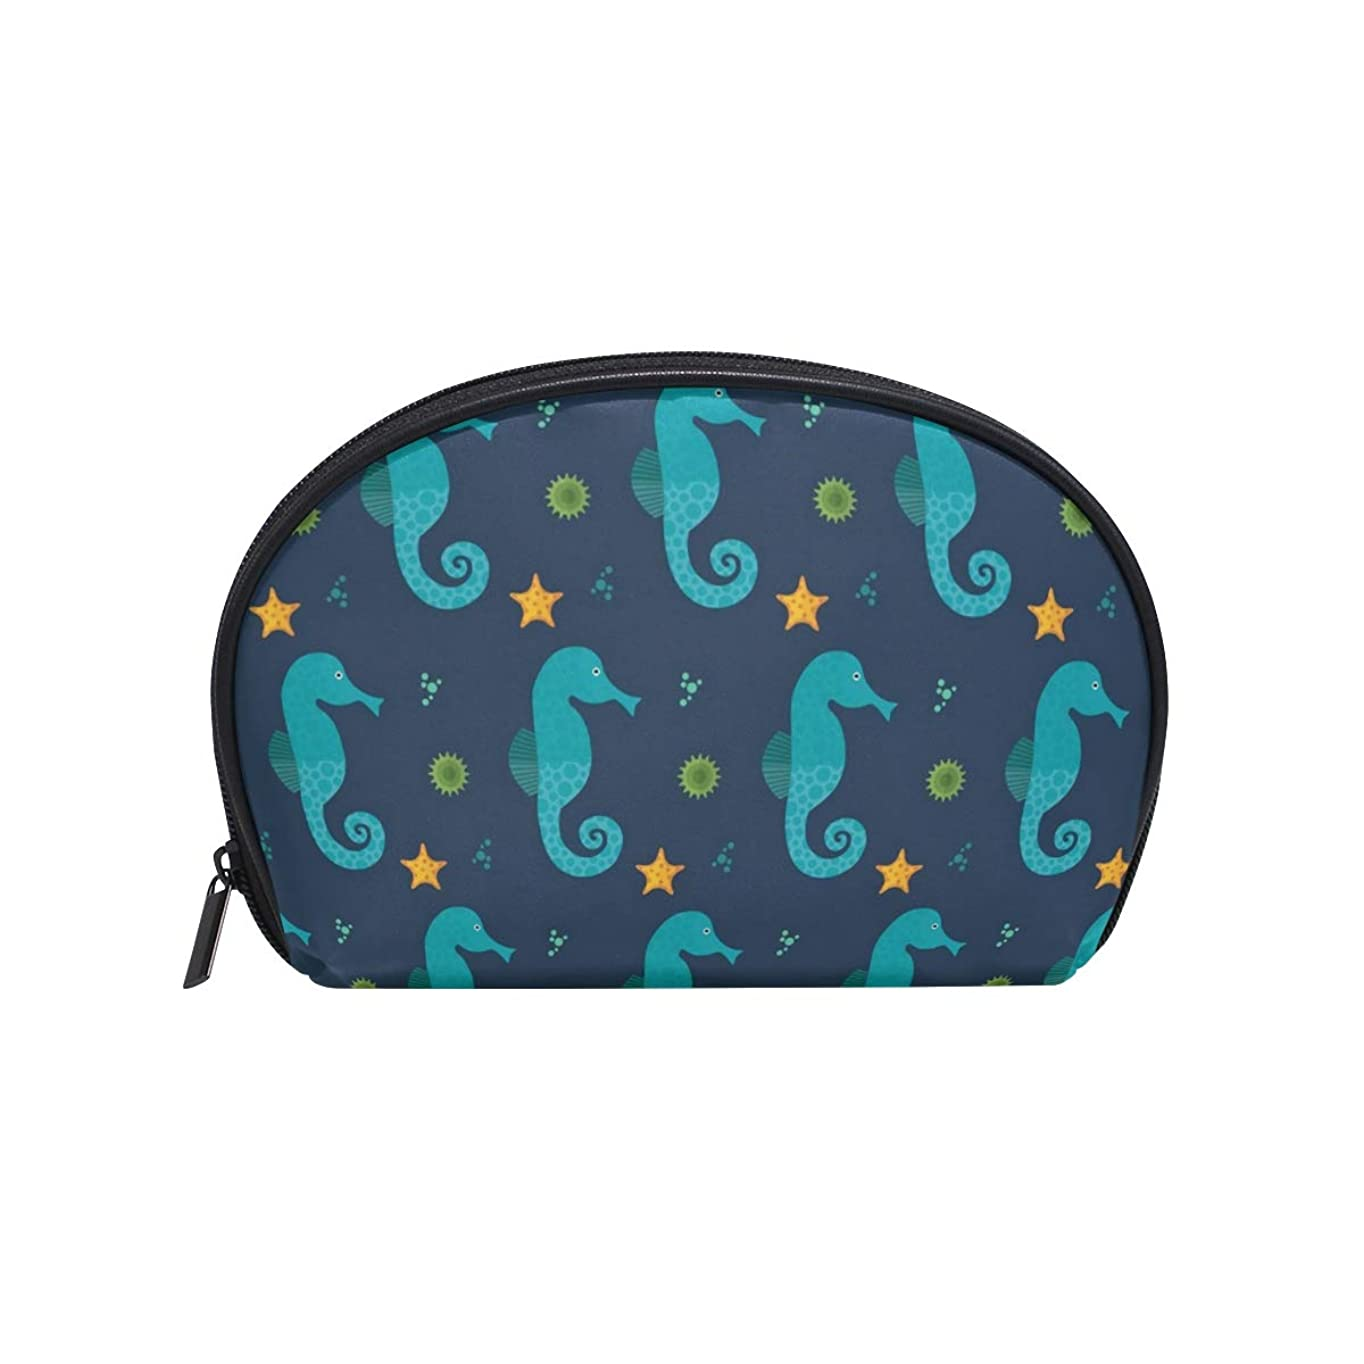 ご注意フリースにおい半月型 ひまわり海 化粧ポーチ コスメポーチ コスメバッグ メイクポーチ 大容量 旅行 小物入れ